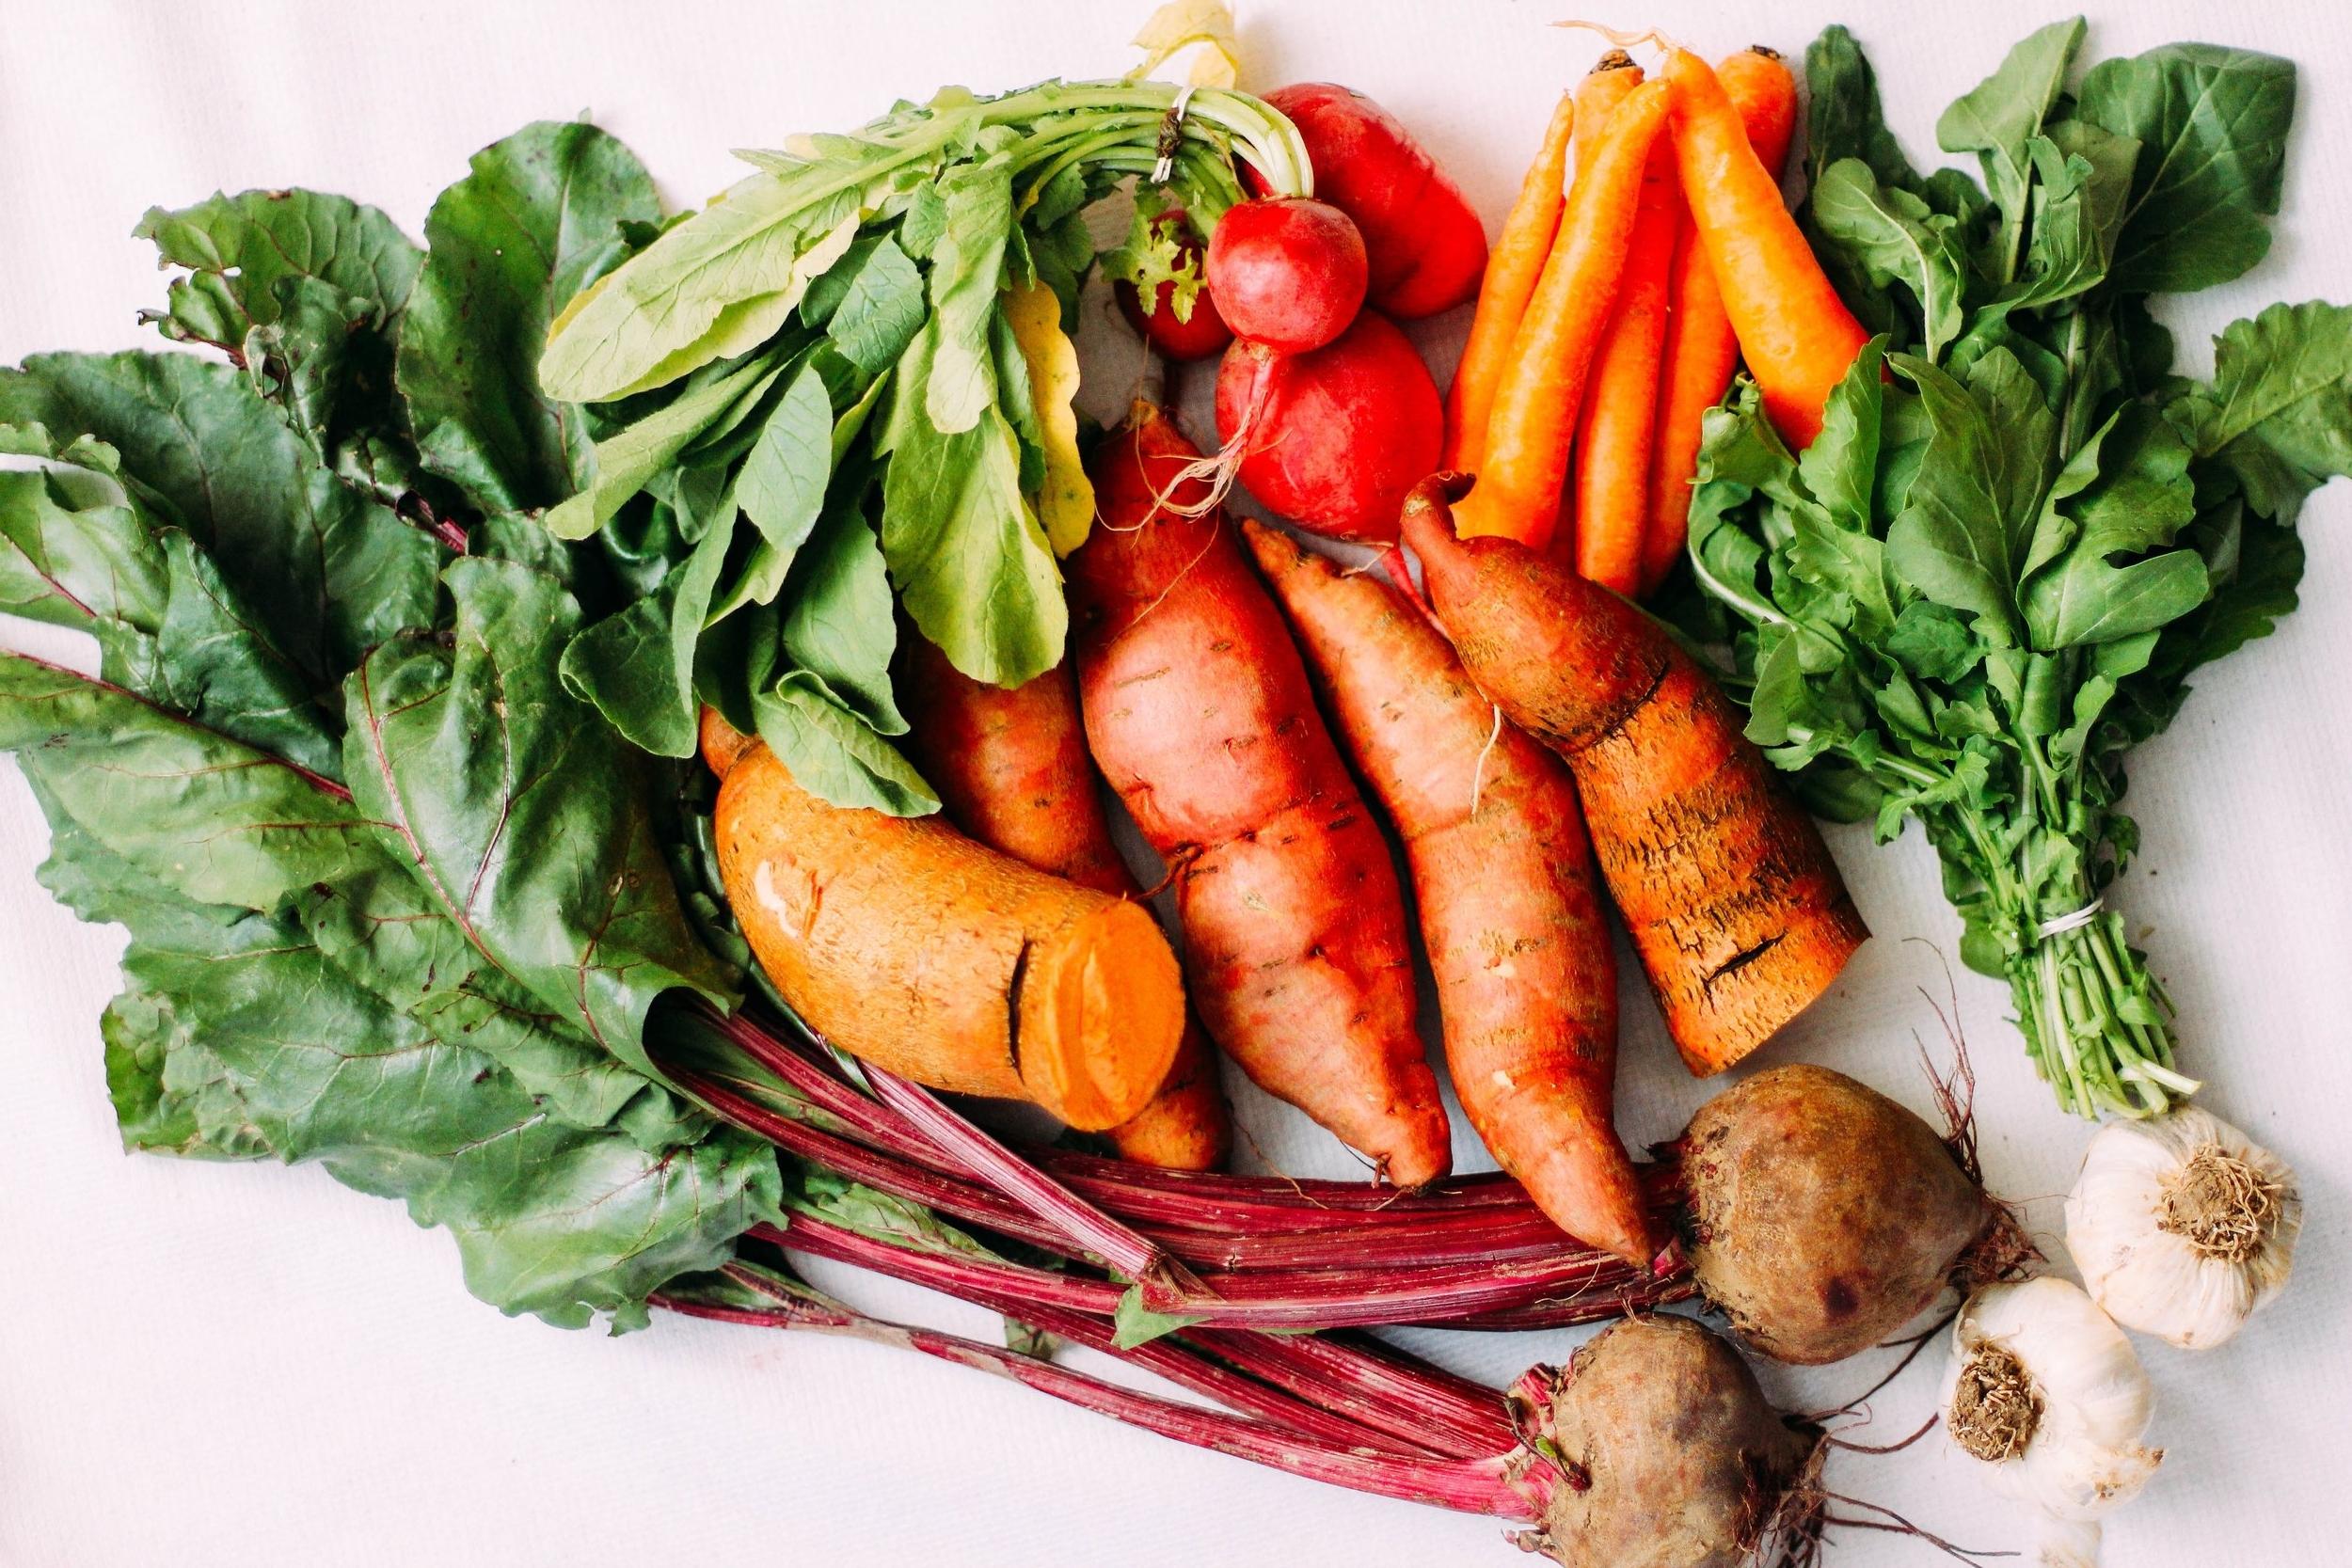 Photo by Foodiesfeed.com